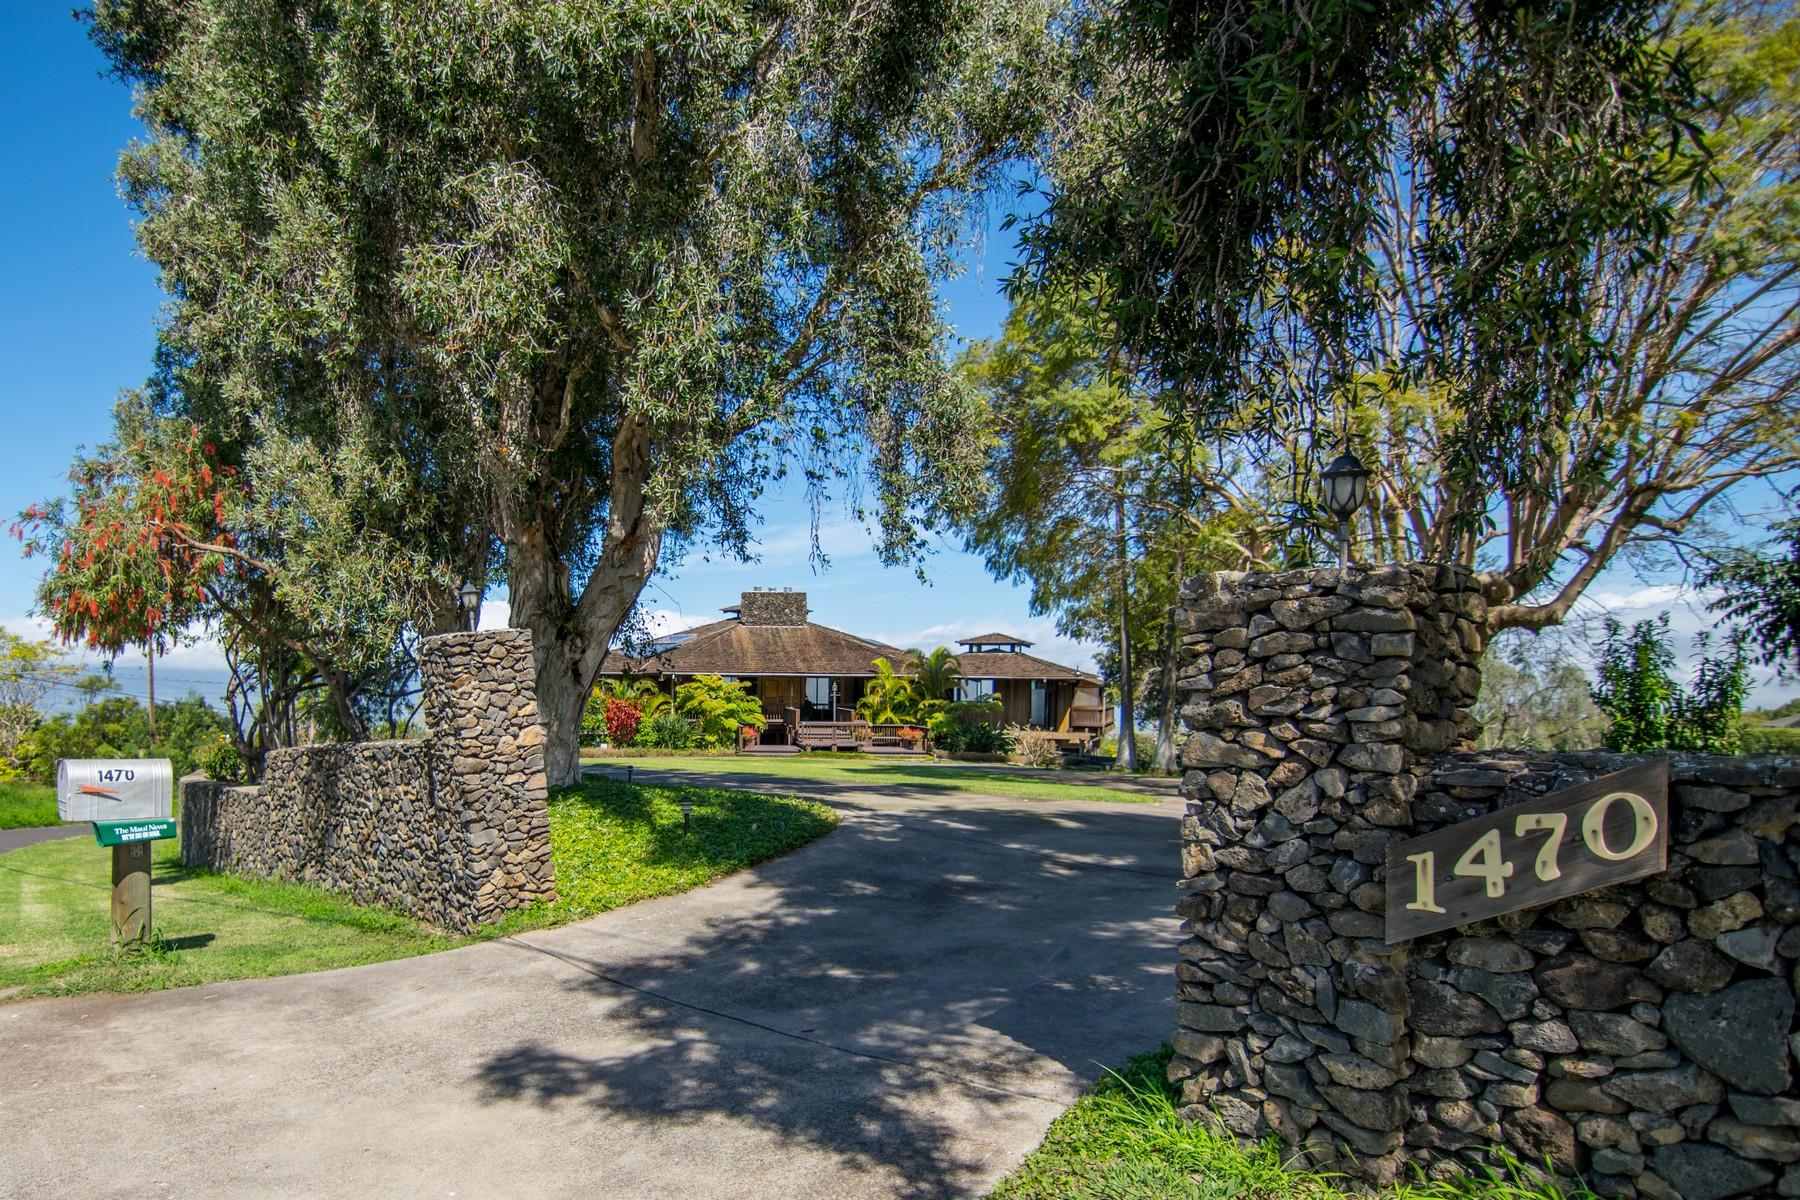 二世帯住宅 のために 売買 アット Peaceful Kula Haven 1470 Naalae Rd Kula, ハワイ 96790 アメリカ合衆国